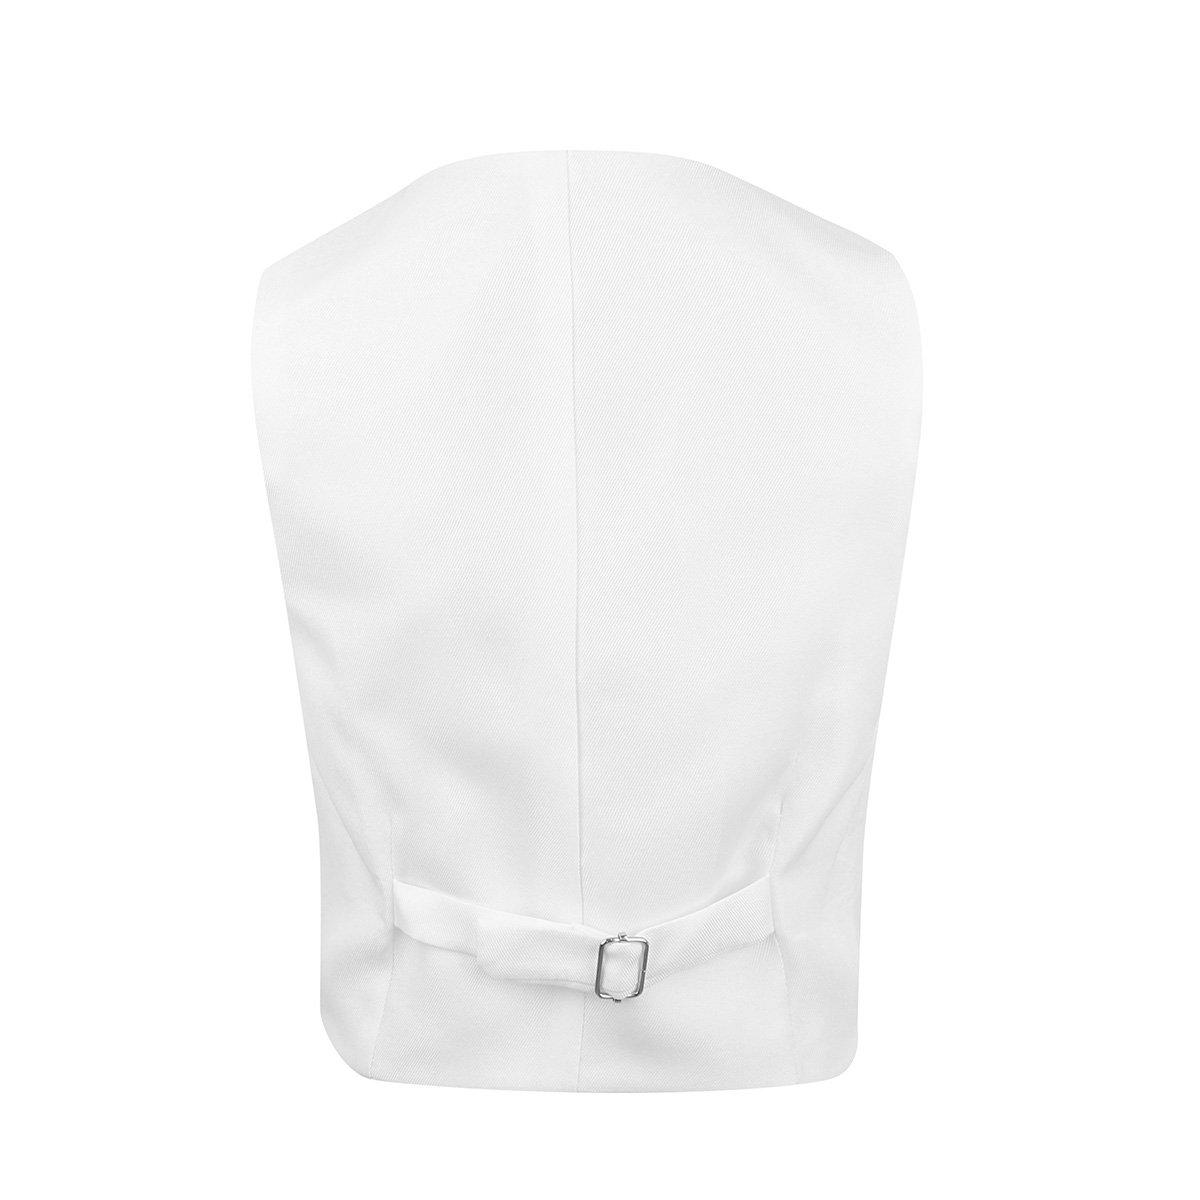 iEFiEL Kids Boys Formal Tuxedo Dress Vest Wedding Waistcoat Birthday Party Gentleman Suit